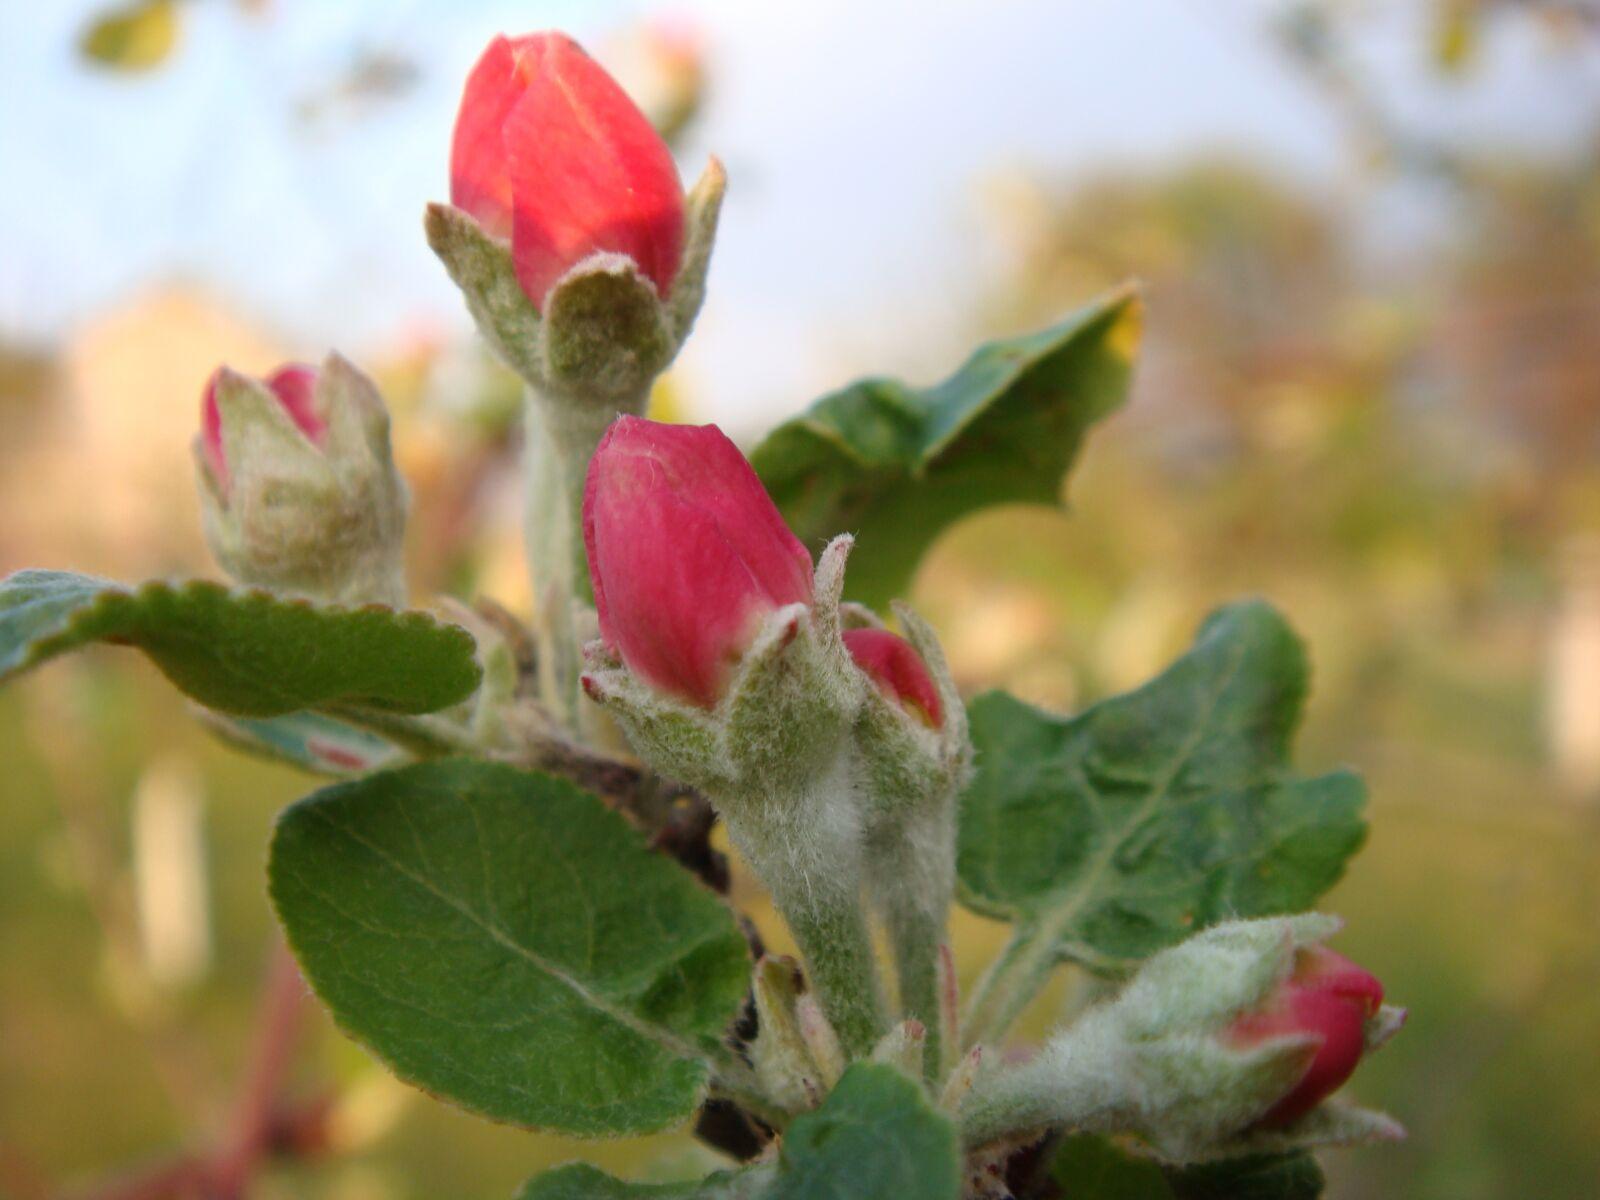 flowers, apple tree, sprig